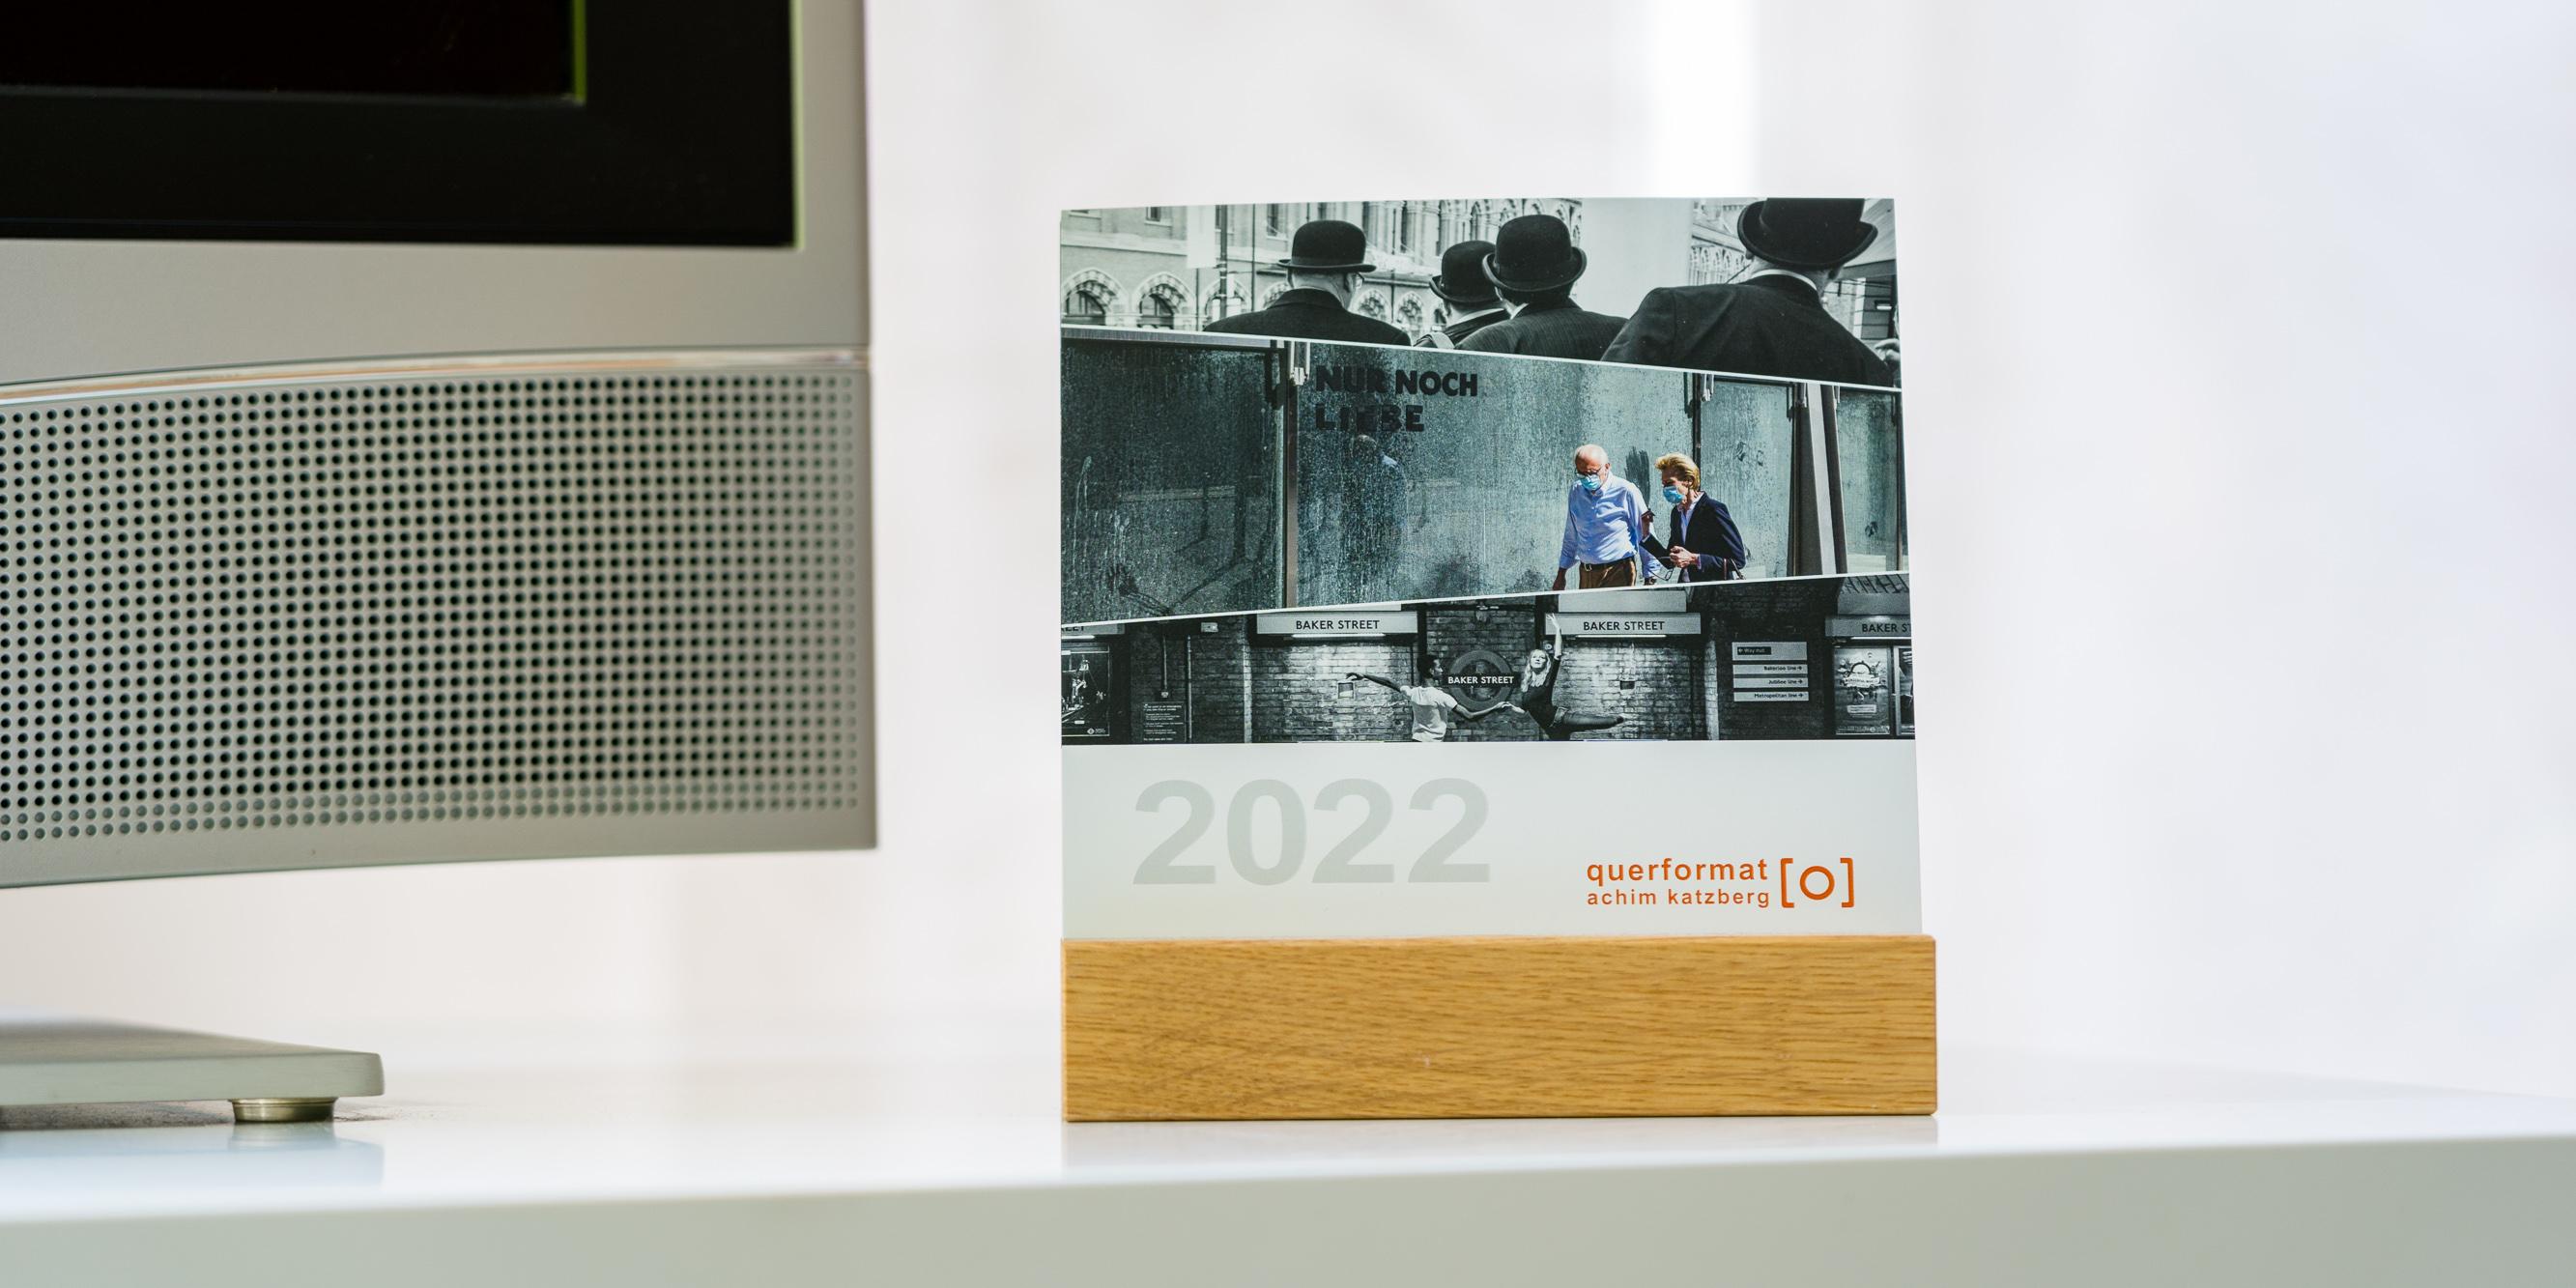 querformat-fotografie - Achim Katzberg - Der neue querformat-fotografie Kalender 2022 ist da! - querformat-fotografie_Kalender_2022-001